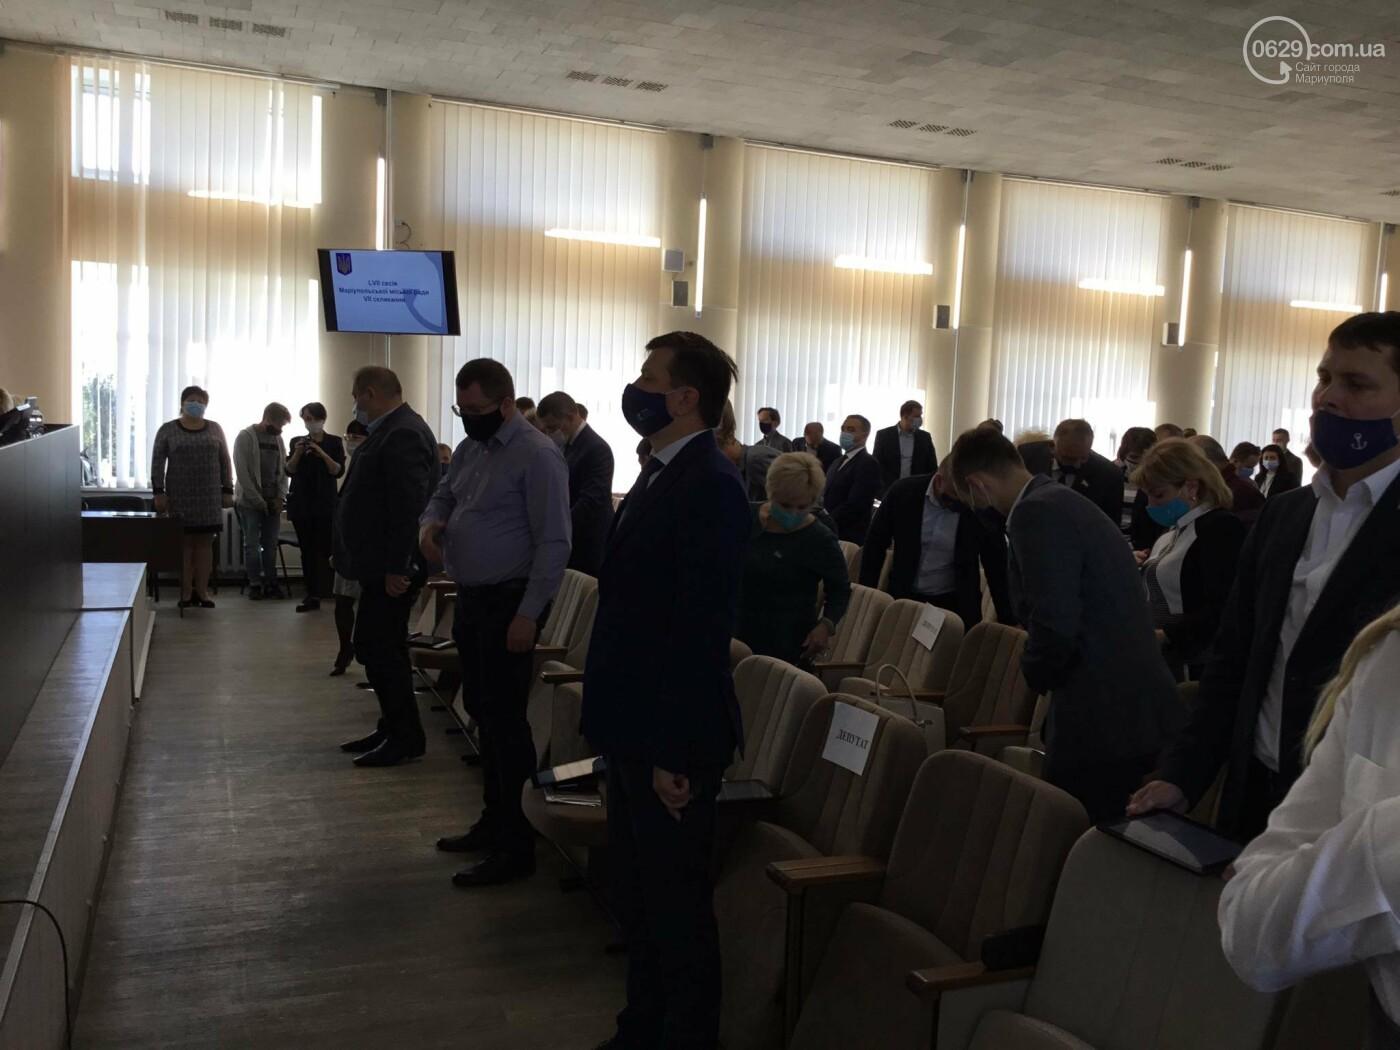 В Мариуполе врачей наградили орденами, - ФОТО, фото-4